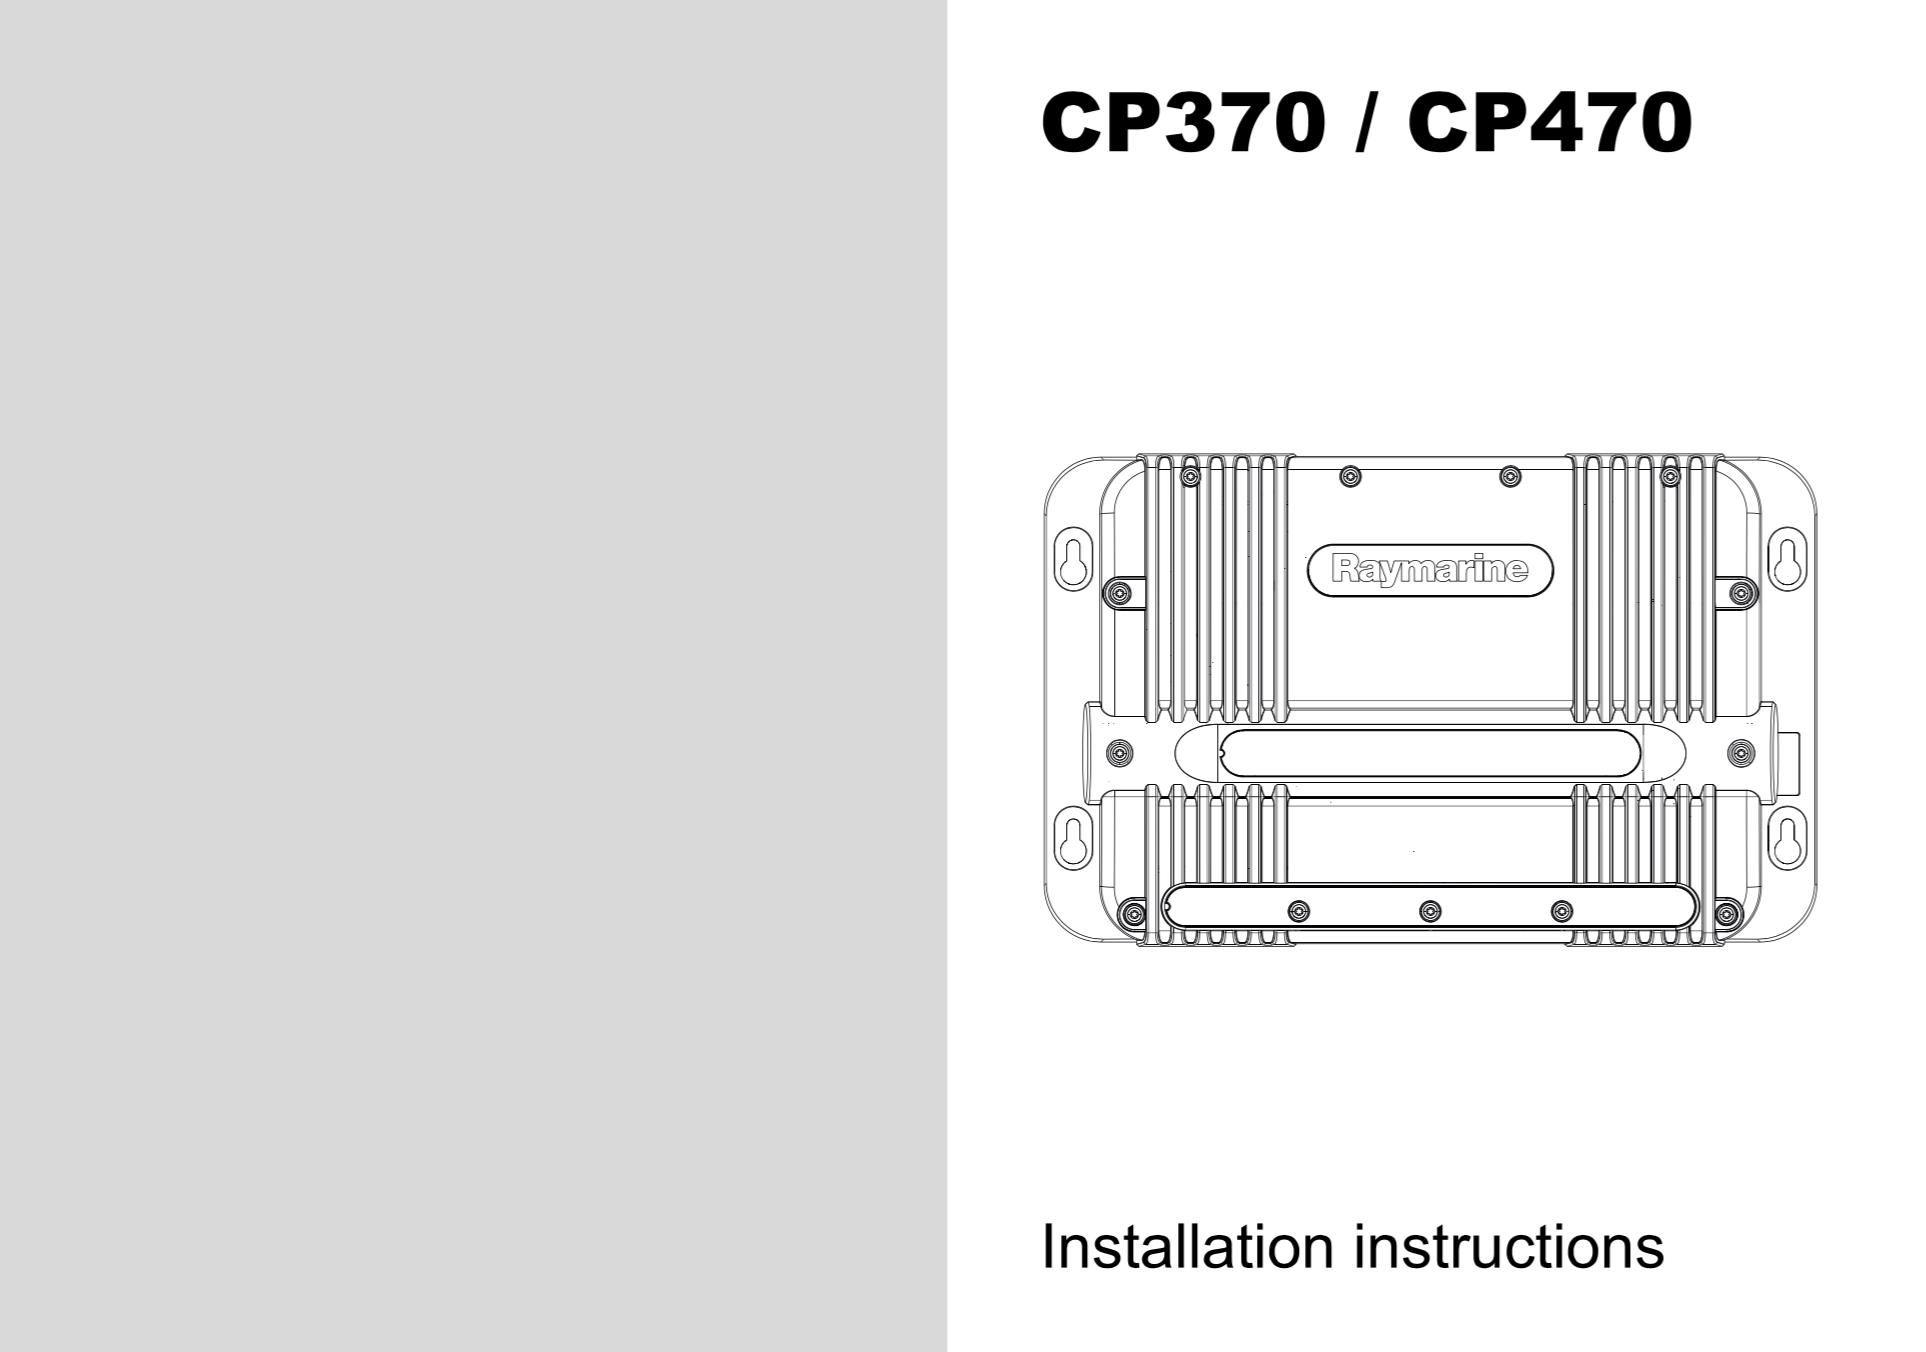 raynet rj45 wiring diagram [ 1926 x 1352 Pixel ]